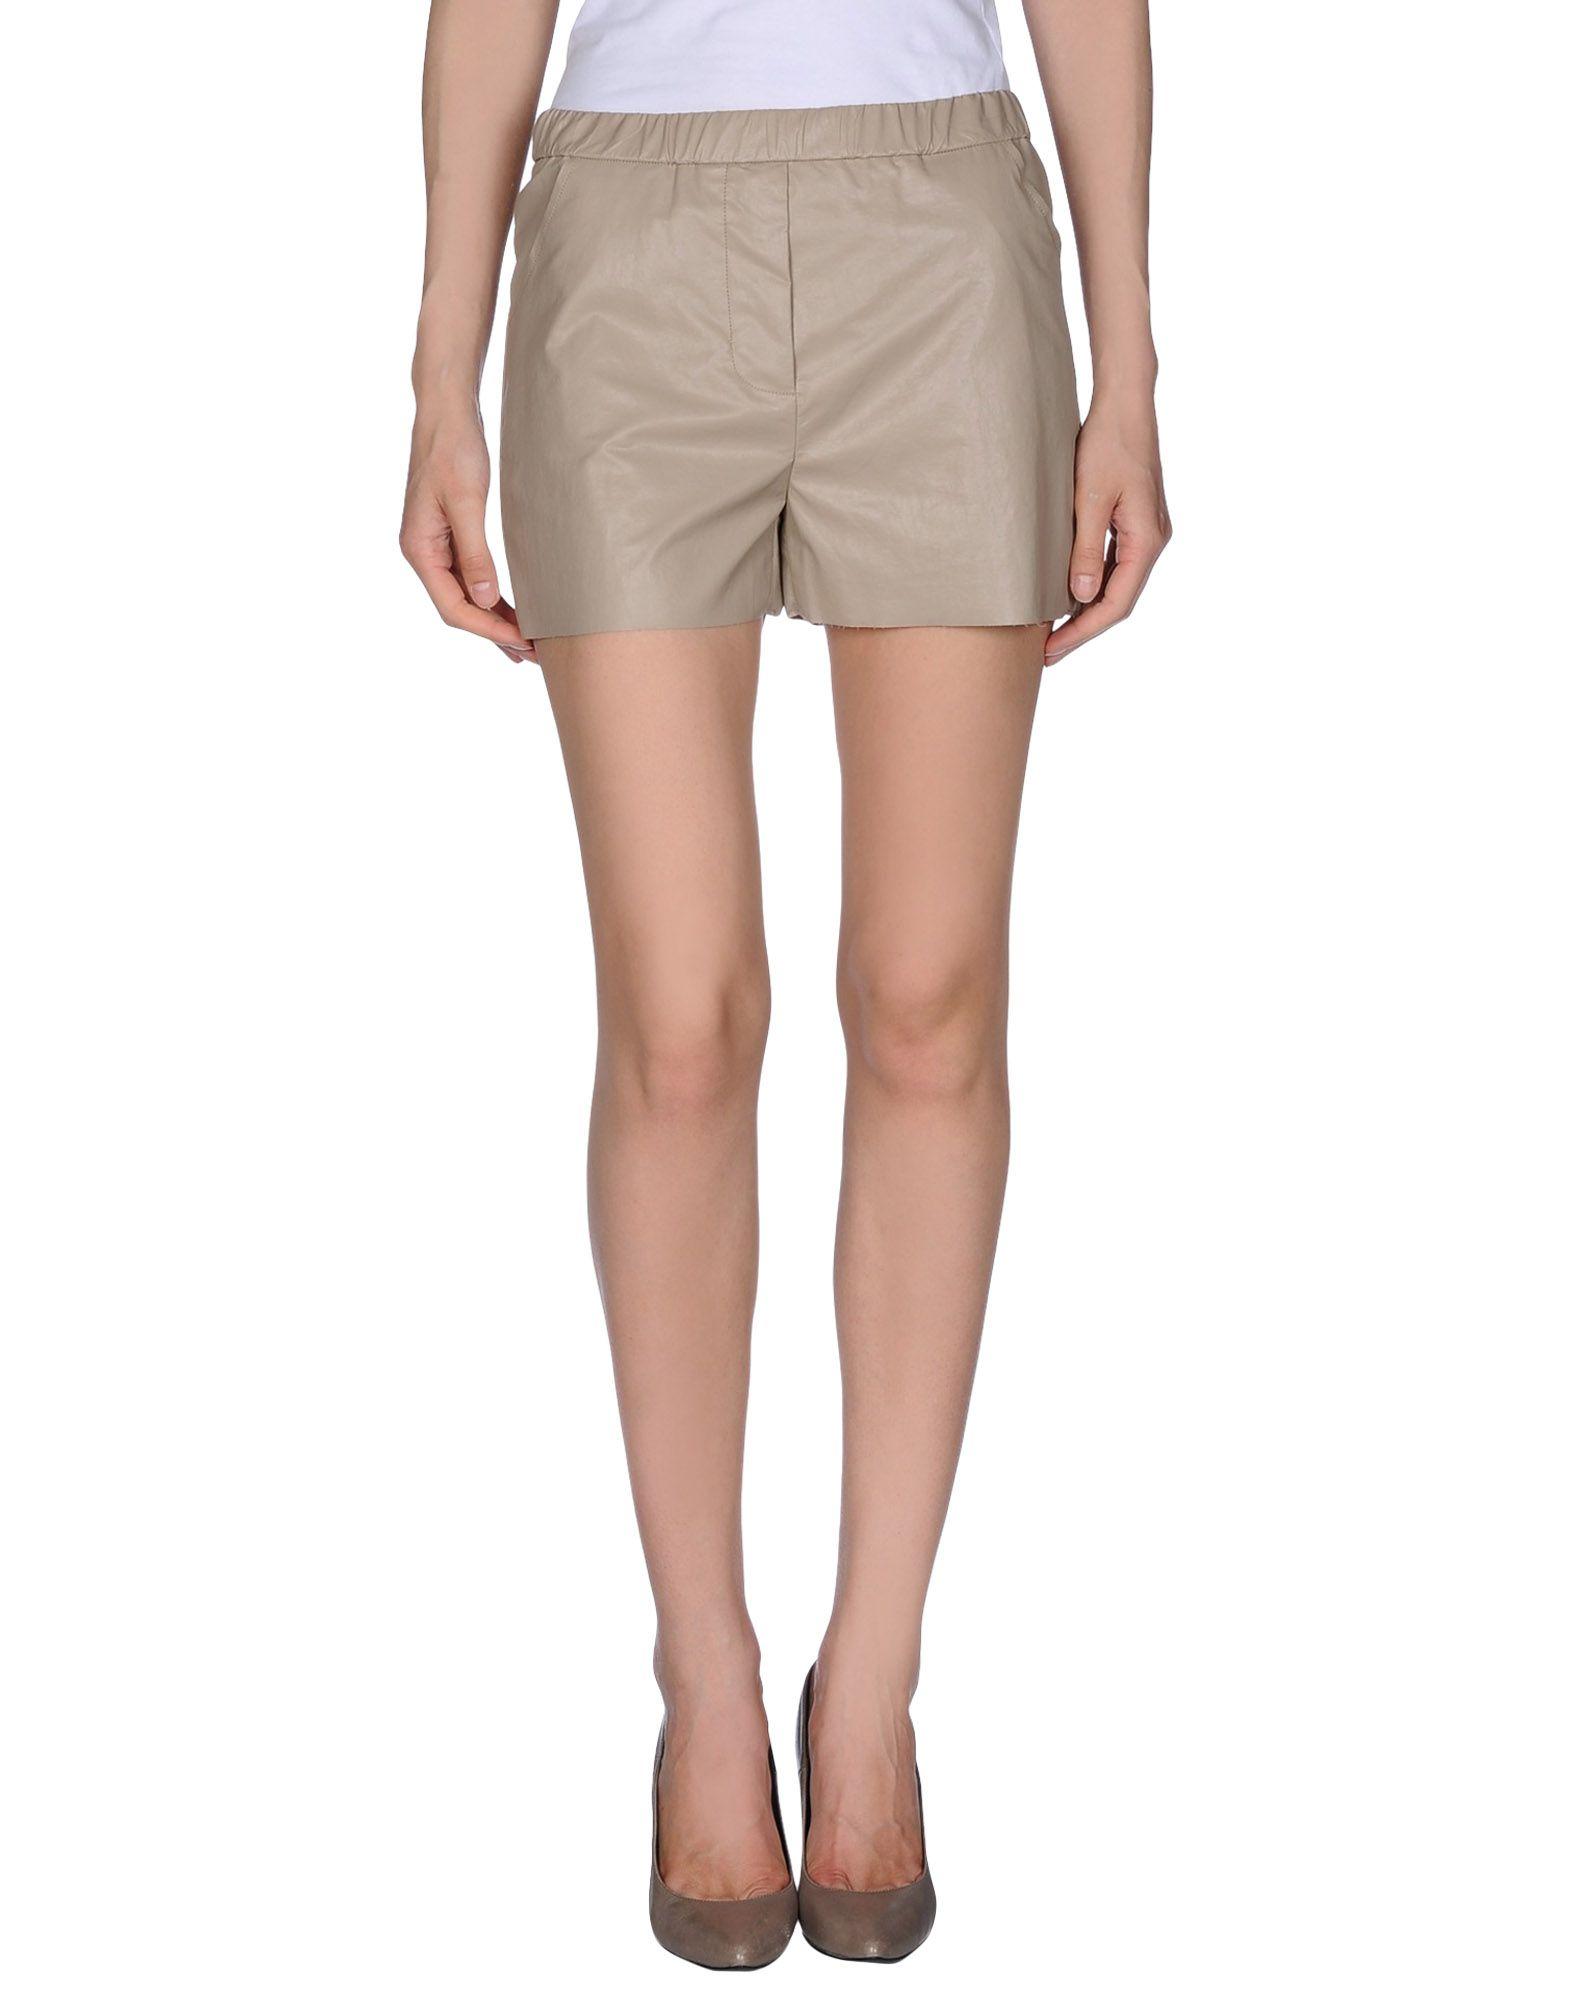 DOUUOD Damen Shorts Farbe Beige Größe 5